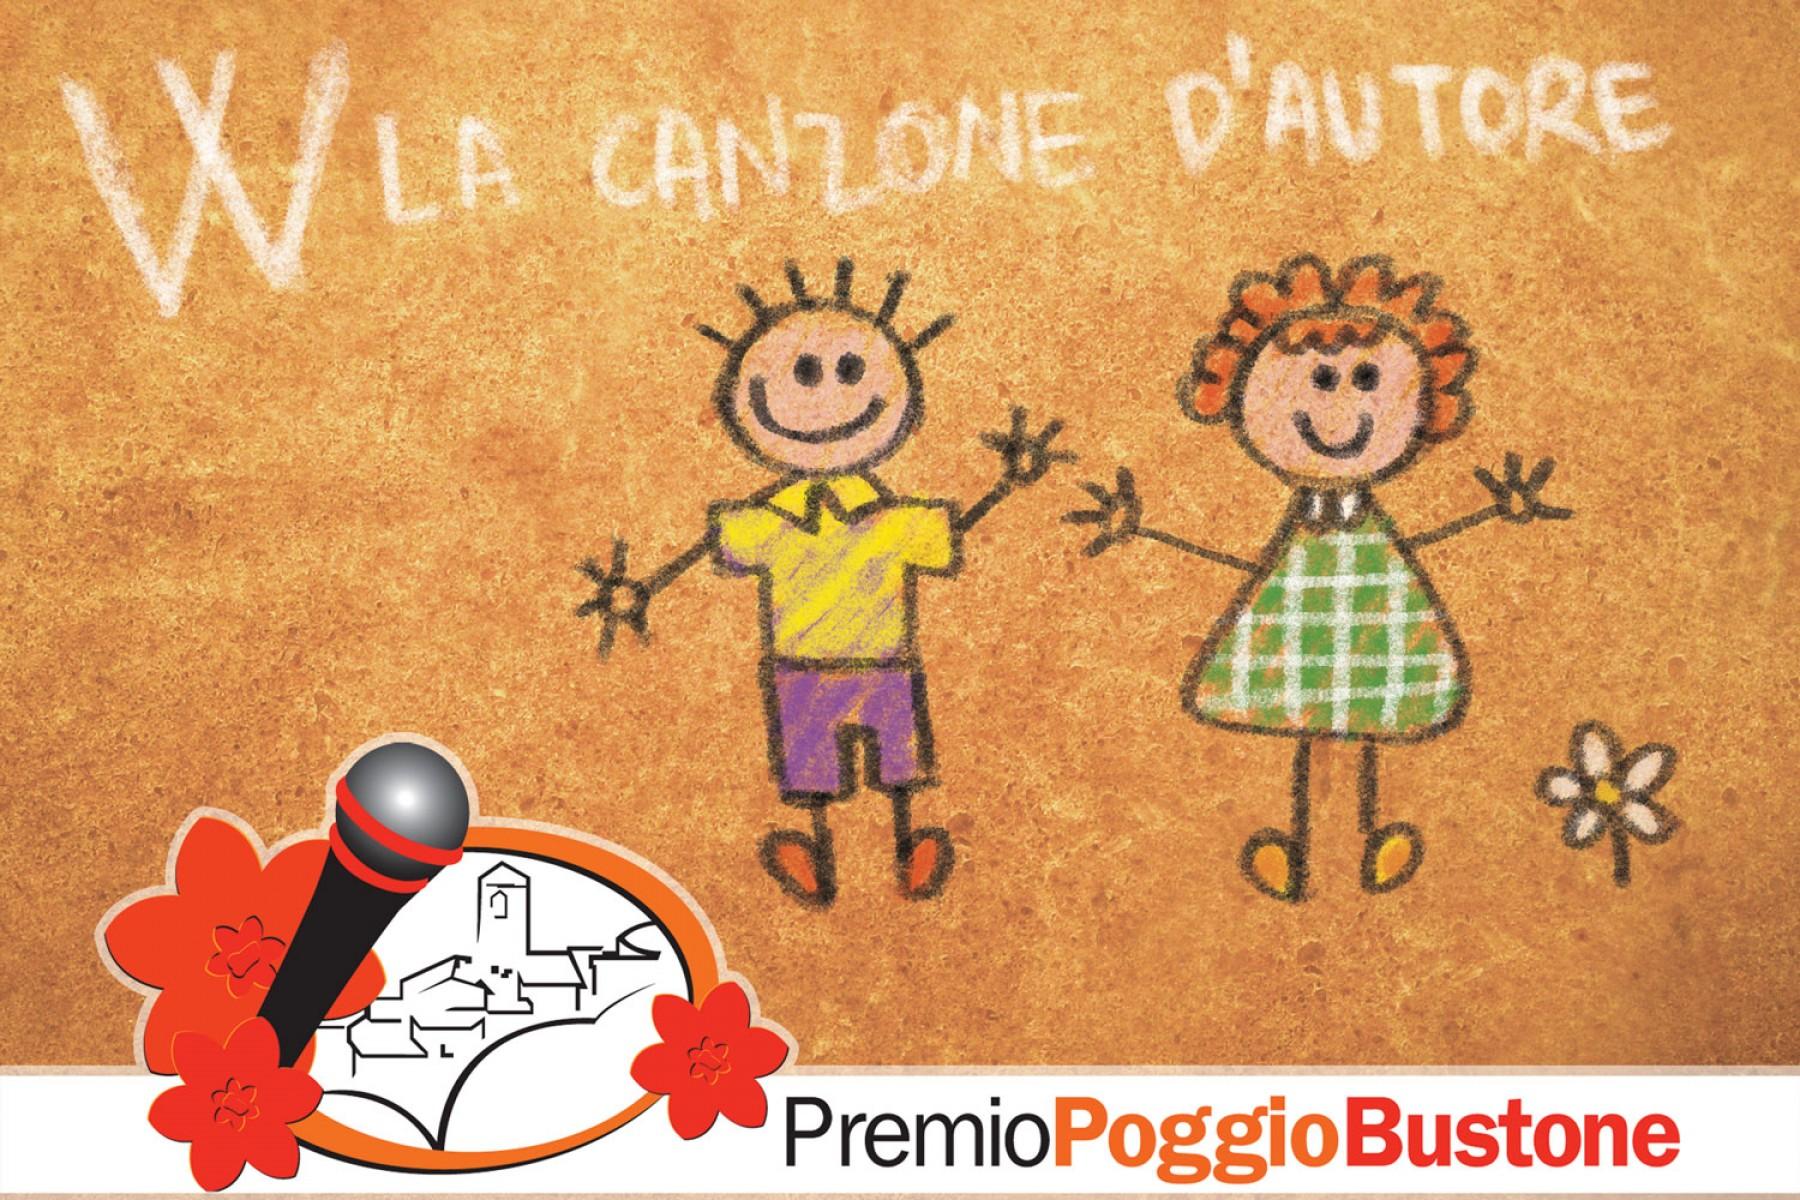 Premio Poggio Bustone 2016